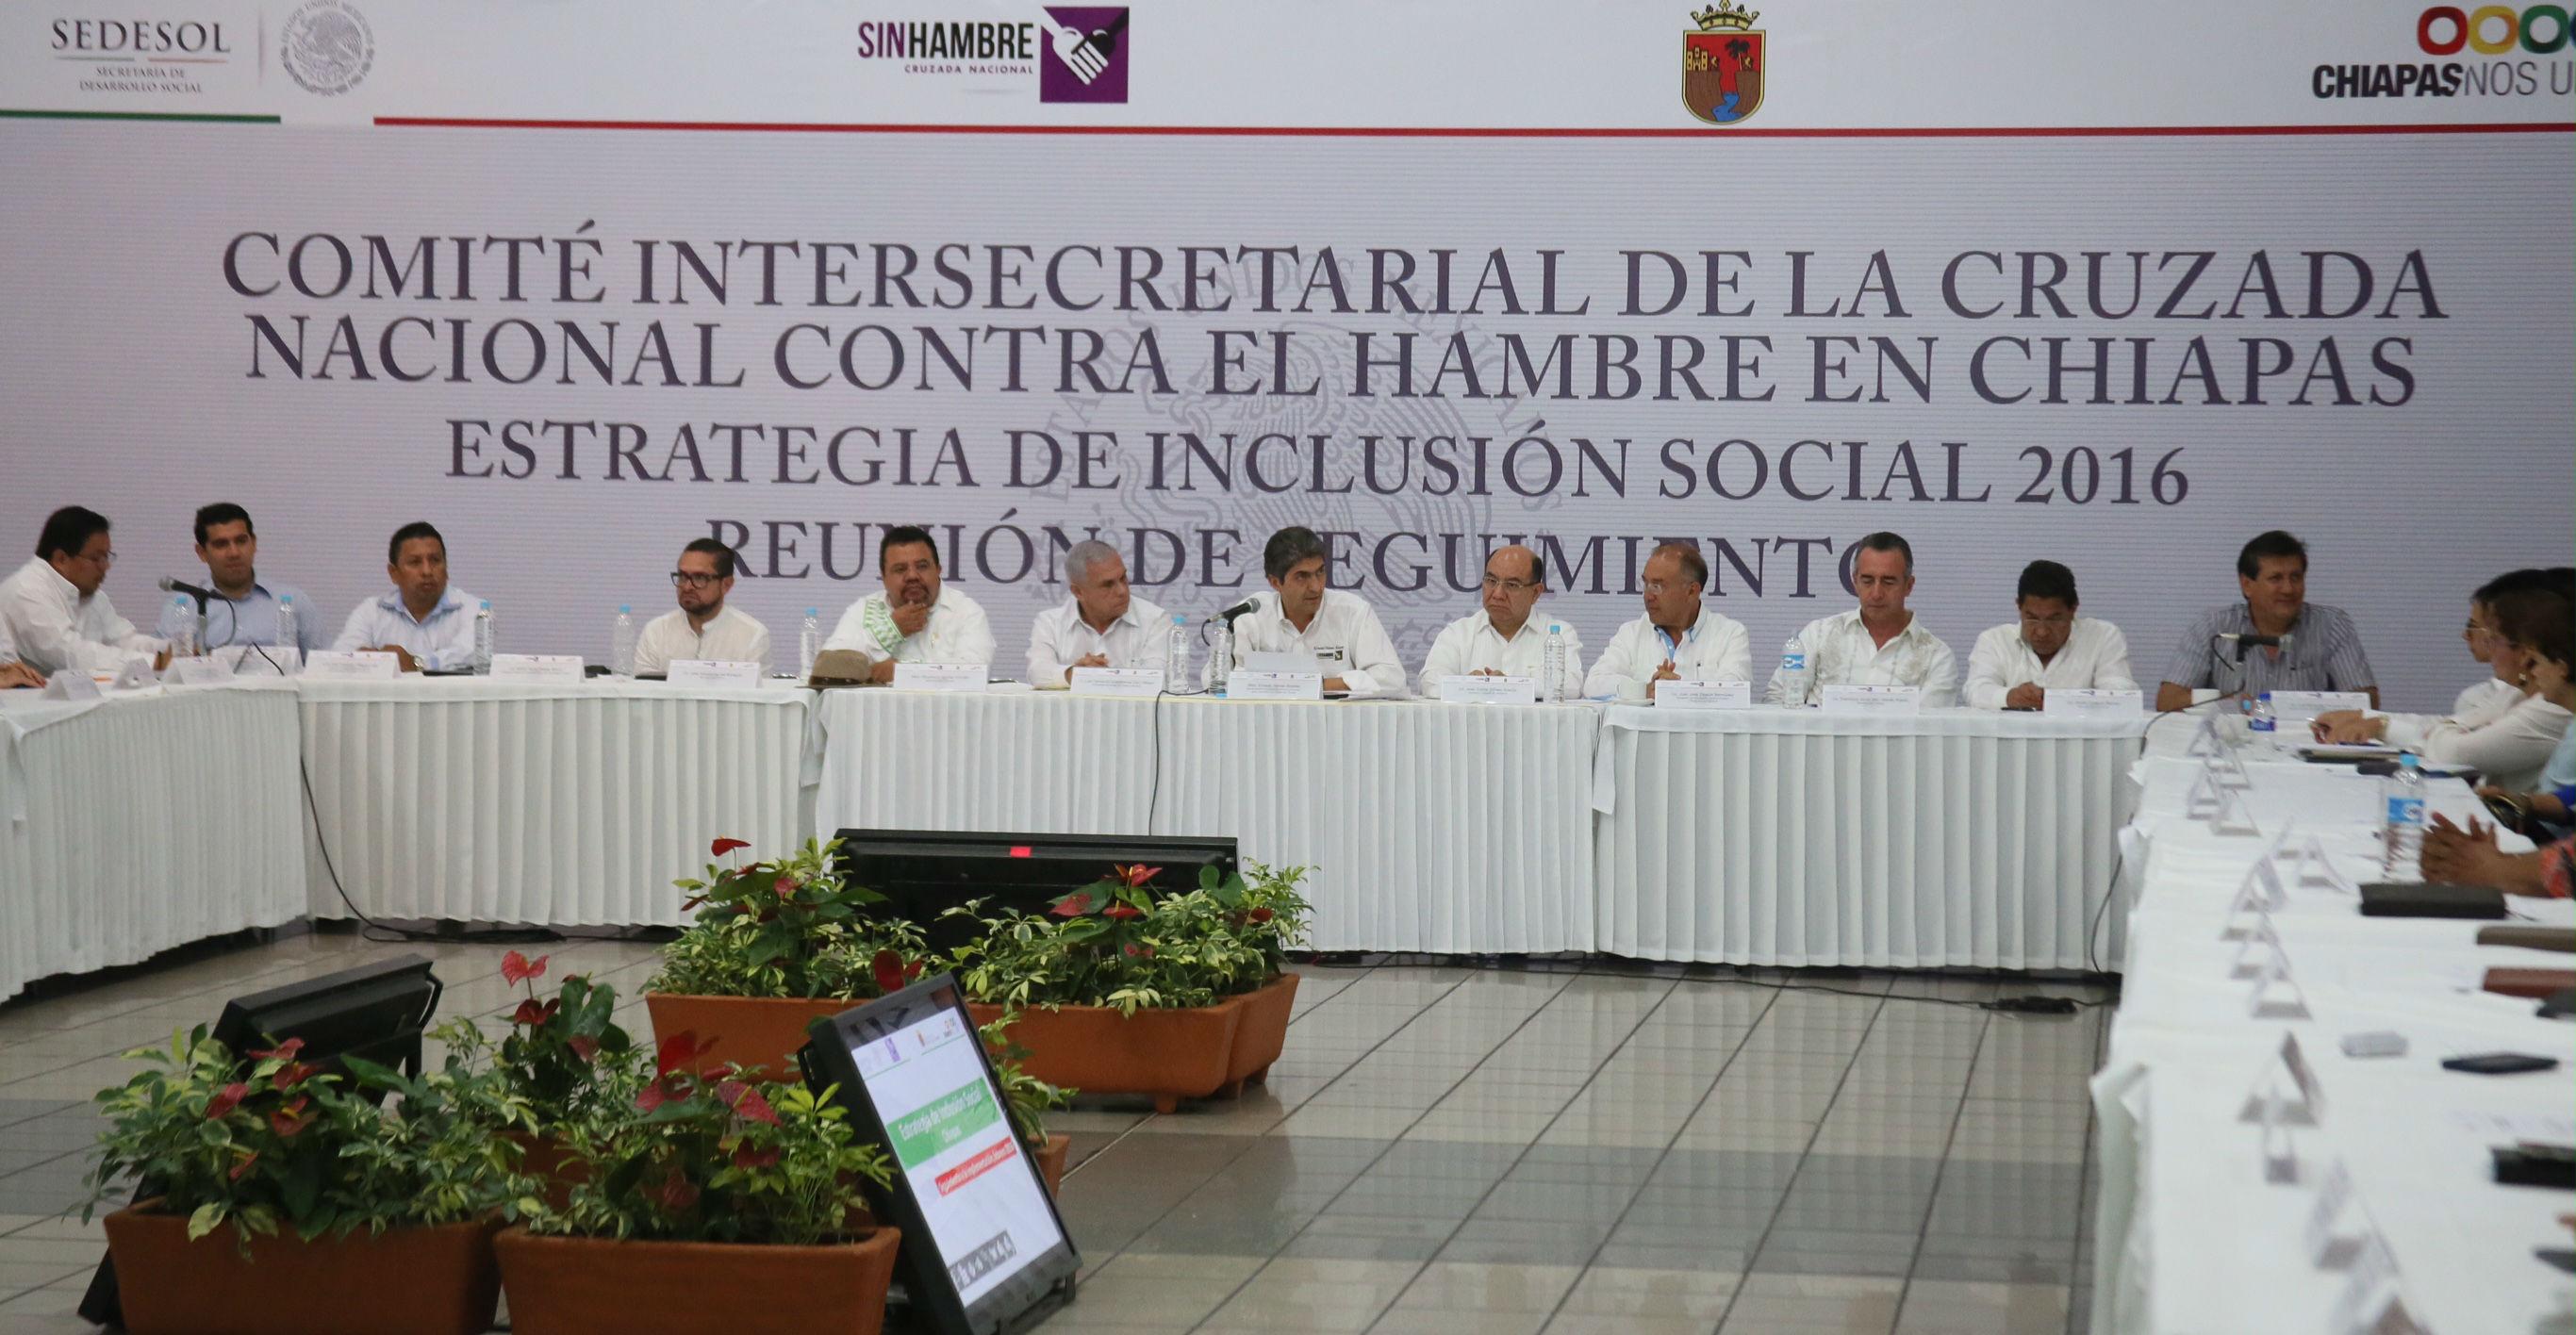 Sedesol ha contribuido con más de 7 mil millones de pesos para programas sociales y proteger el bienestar de las familias.